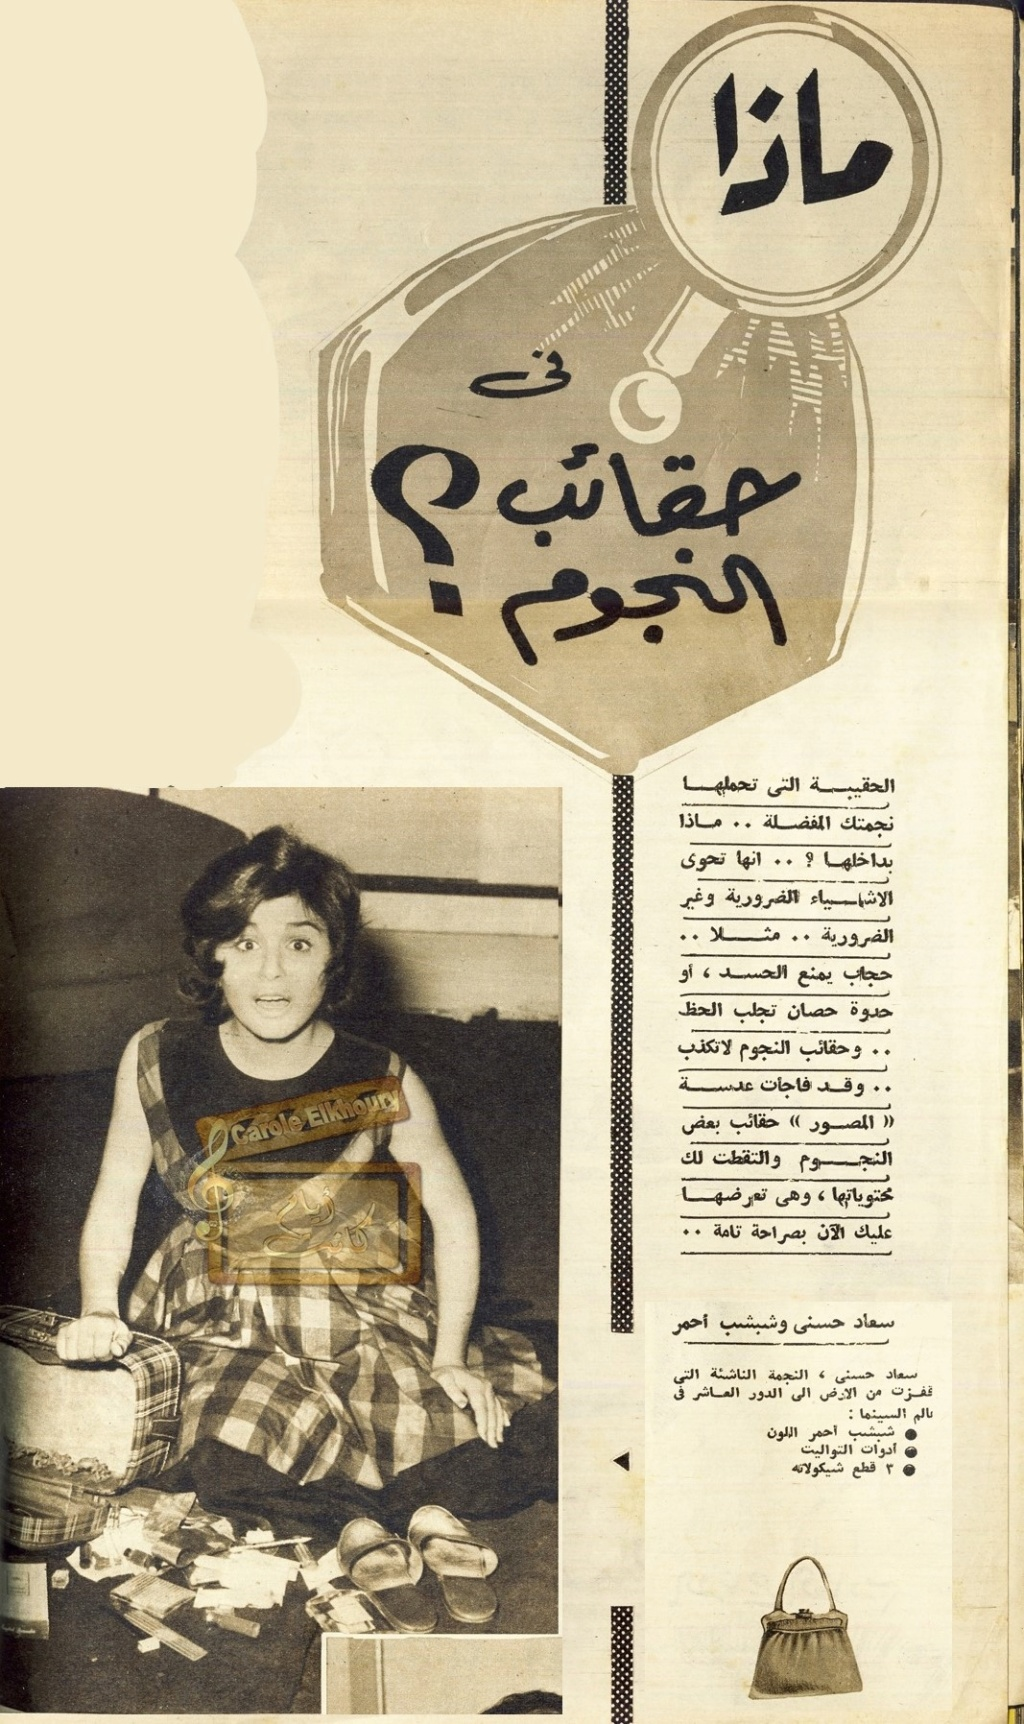 مقال صحفي : ماذا في حقائب النجوم؟ .. سعاد حسني 1961 م A_ao_y10